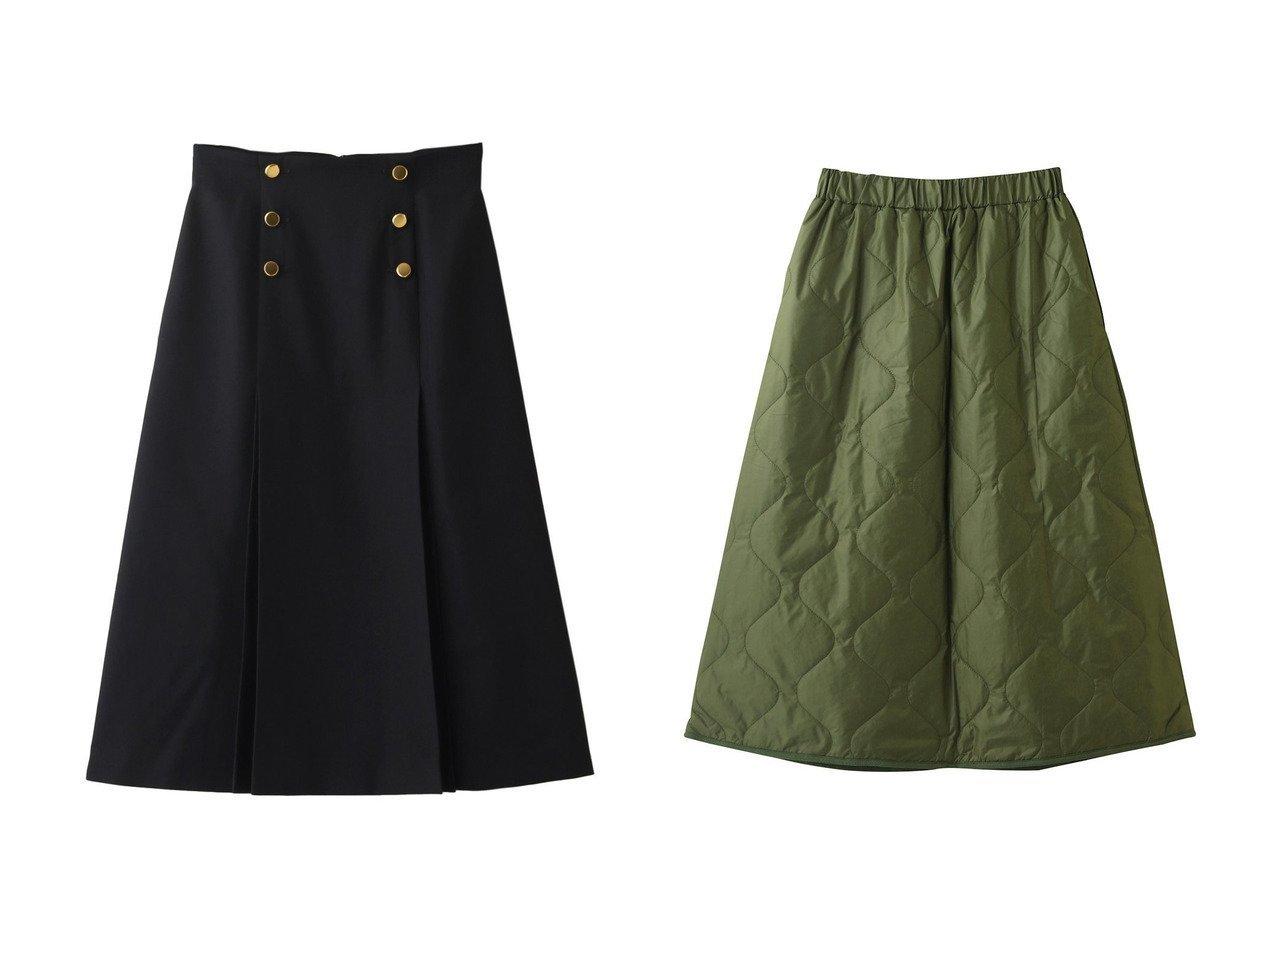 【ANAYI/アナイ】のコンパクトサージタックスカート&【ROSE BUD/ローズバッド】の【AFFECTISM】キルティングジップスカート 【スカート】おすすめ!人気、トレンド・レディースファッションの通販 おすすめで人気の流行・トレンド、ファッションの通販商品 インテリア・家具・メンズファッション・キッズファッション・レディースファッション・服の通販 founy(ファニー) https://founy.com/ ファッション Fashion レディースファッション WOMEN スカート Skirt ロングスカート Long Skirt なめらか シンプル フロント ロング |ID:crp329100000072099